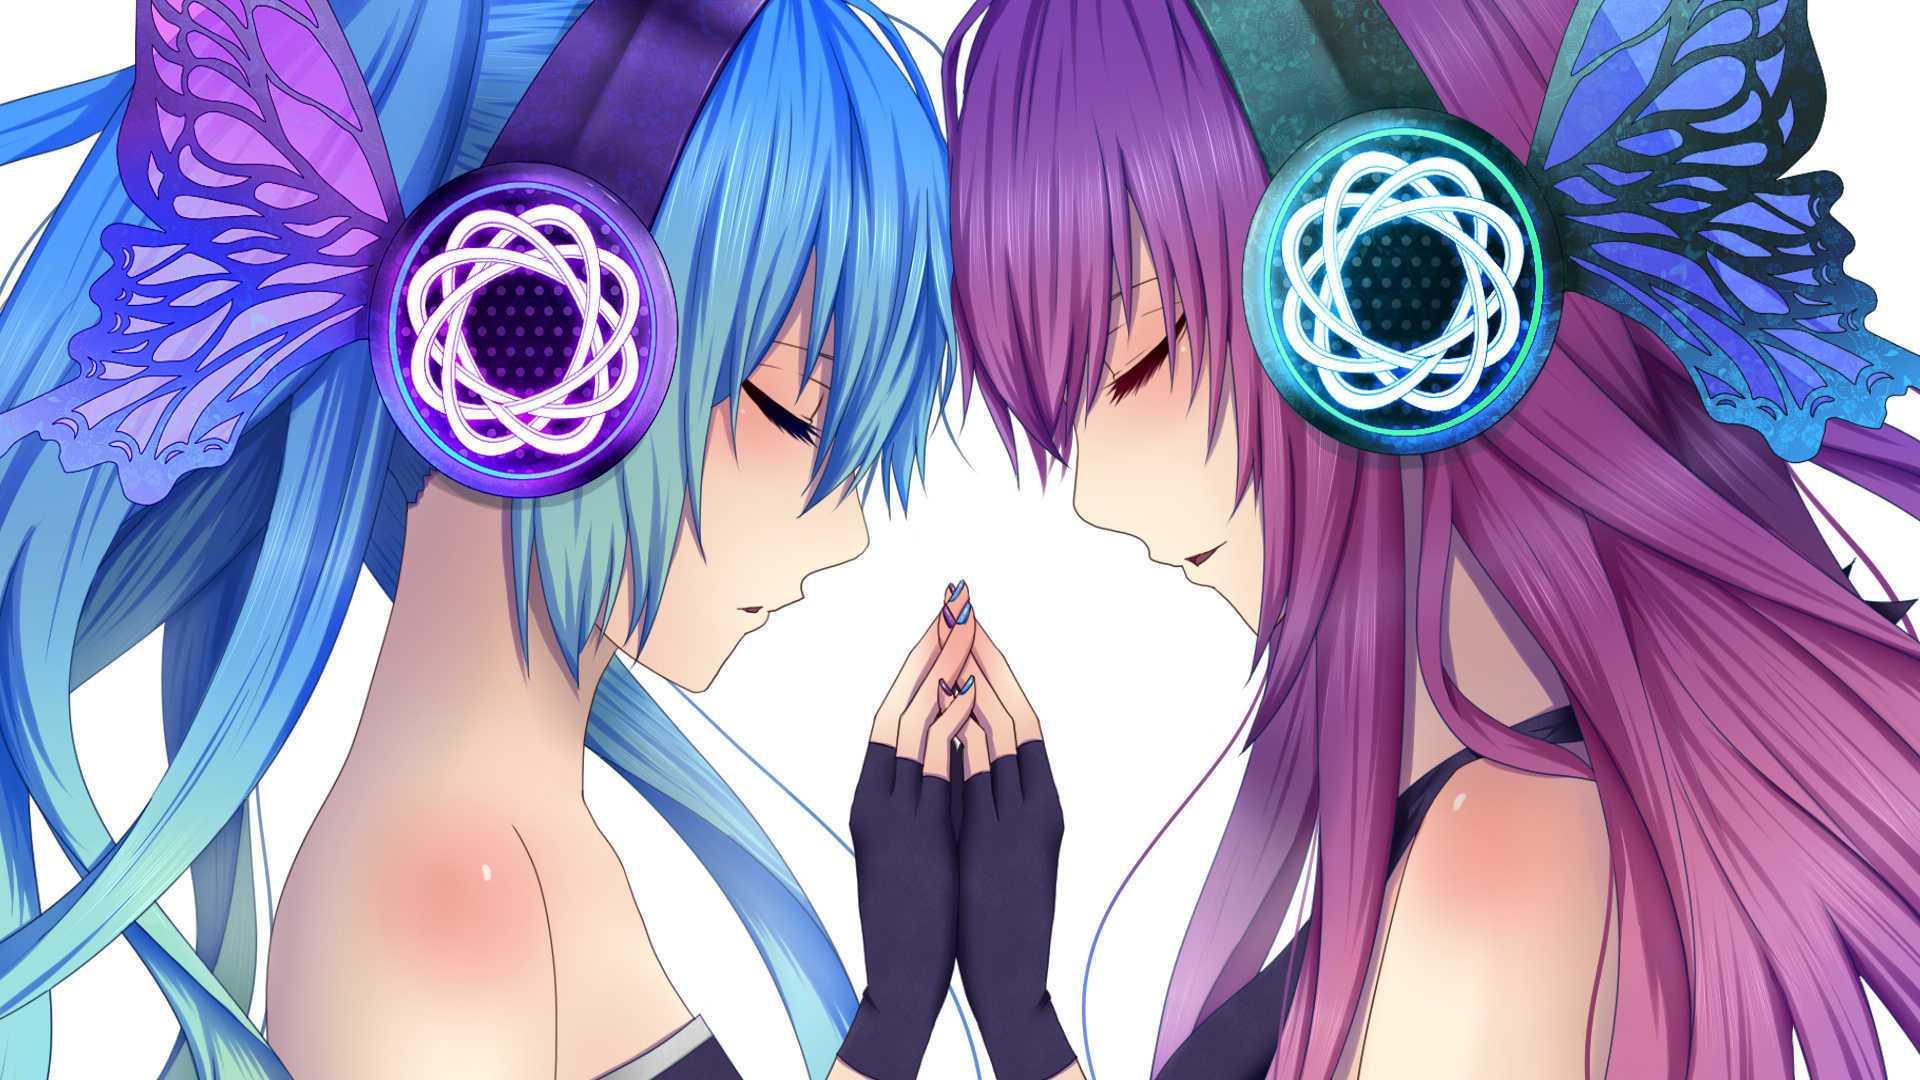 Hatsune Miku Singing Twintails Hatsune Miku Vocaloid